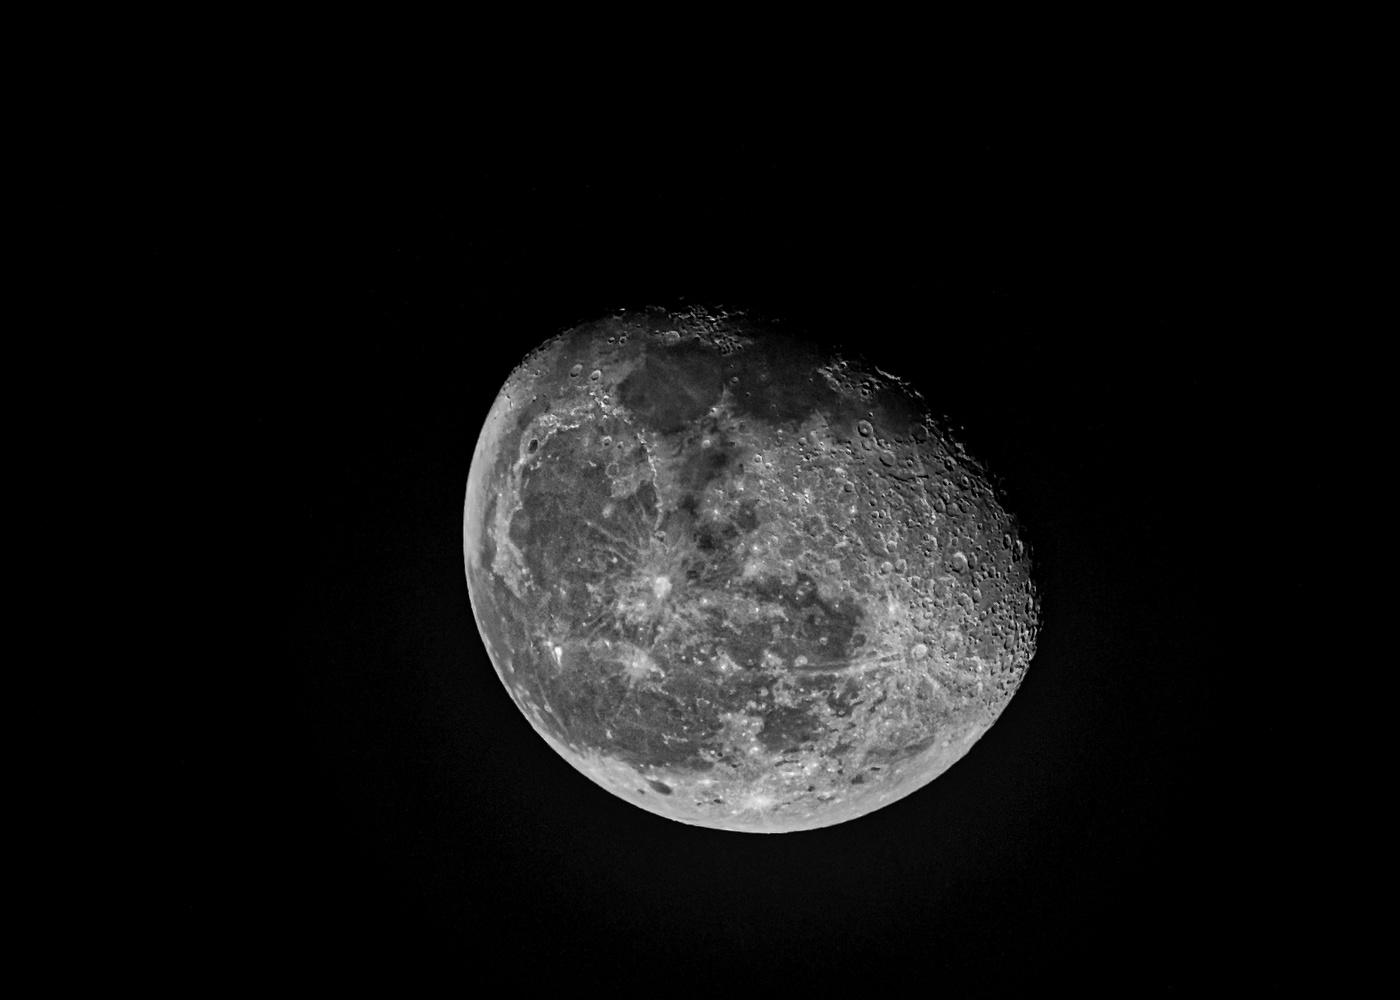 Moon by Sebastian Dannenberg